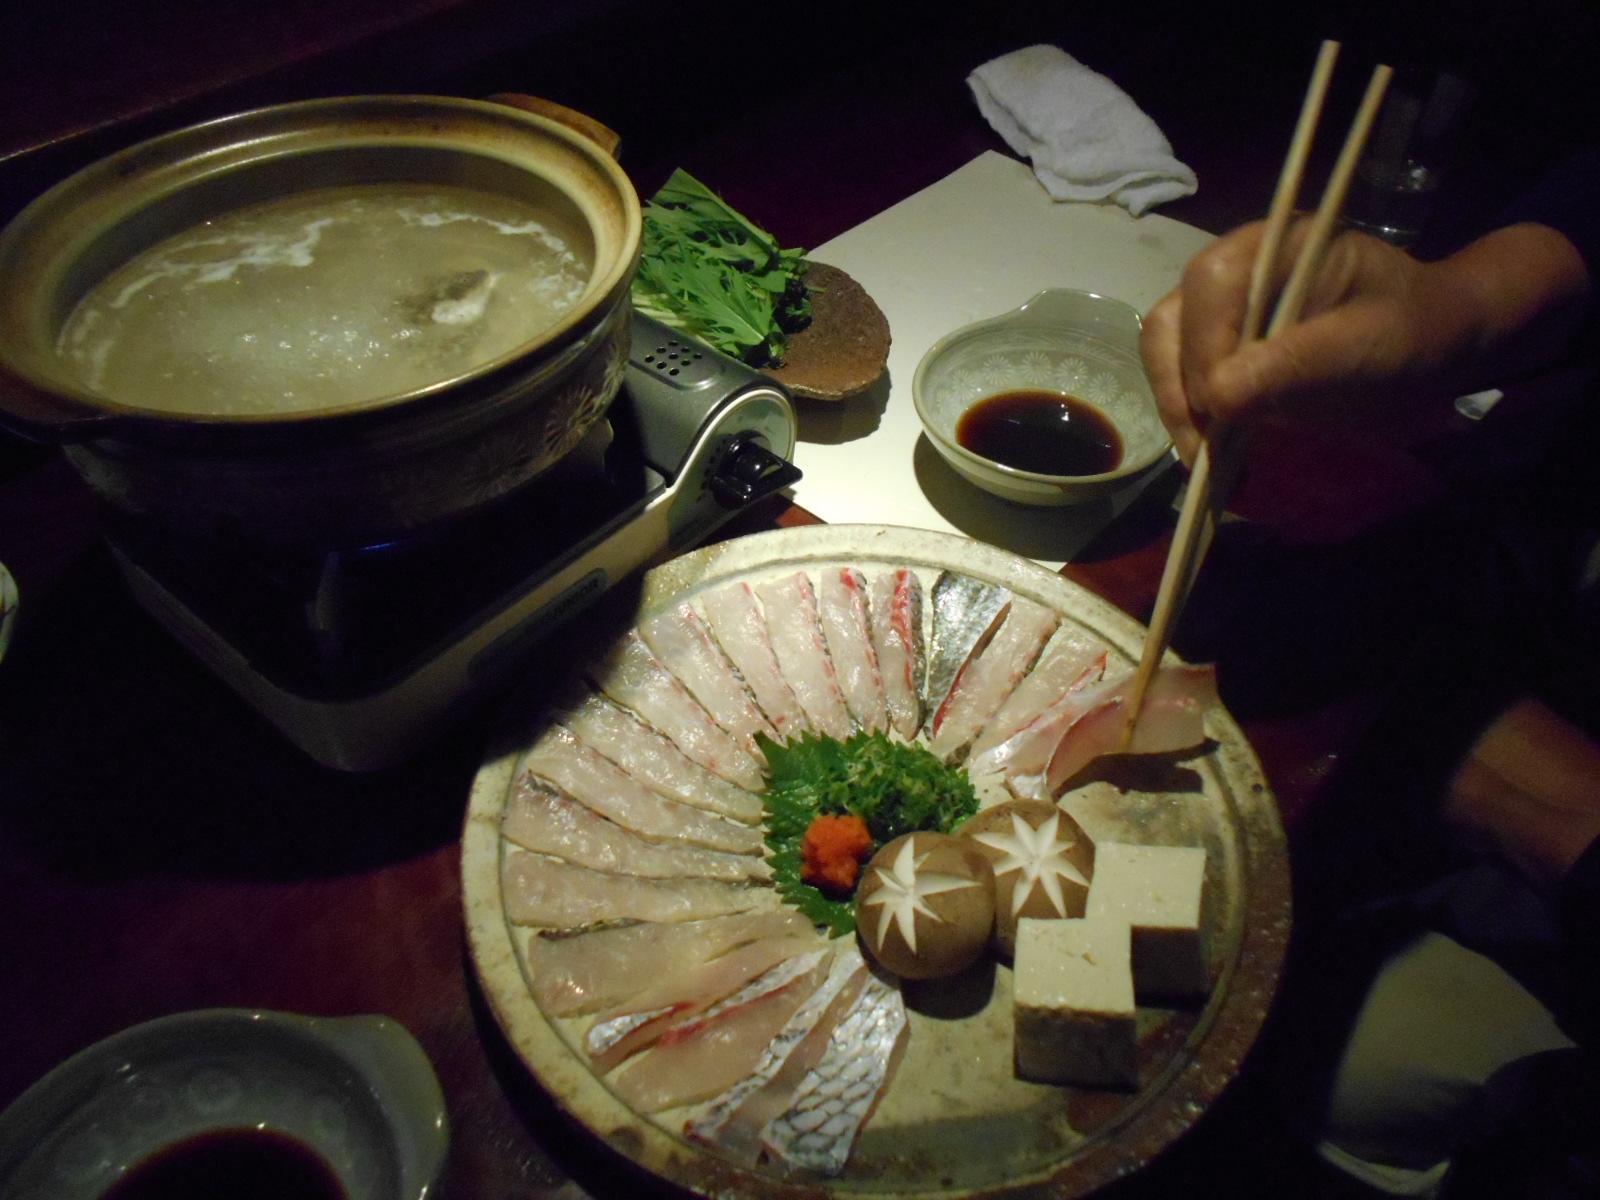 美味しい食材を共有して頂きたく_e0146402_223154.jpg